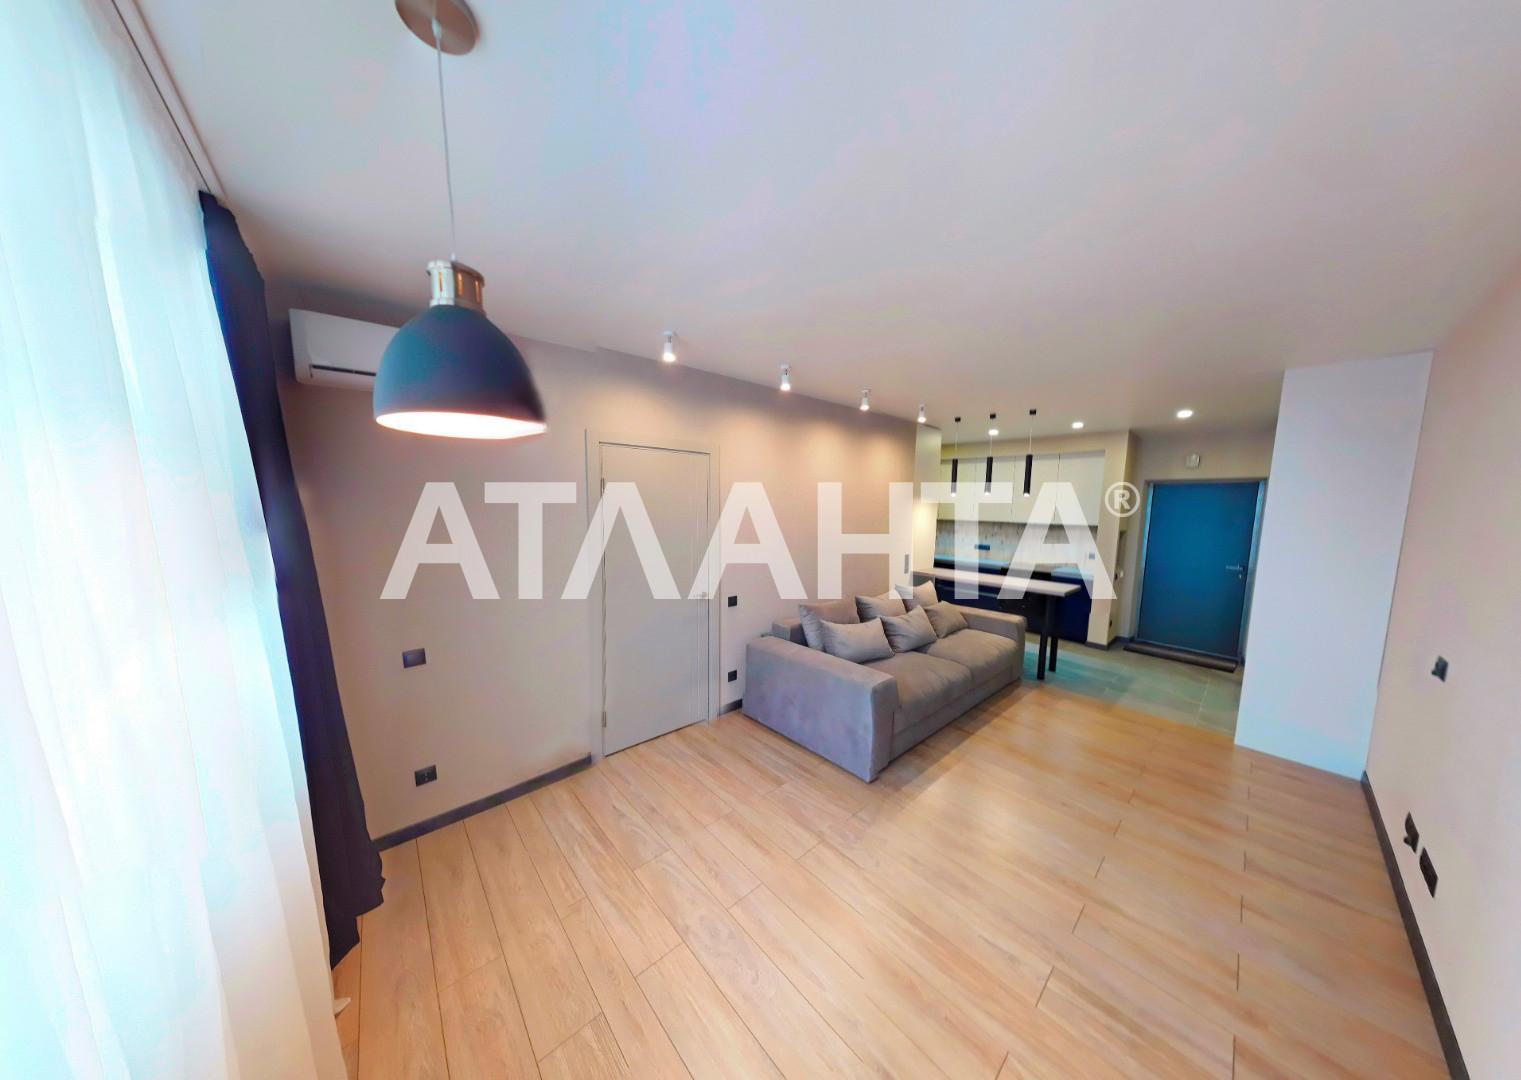 Продается 2-комнатная Квартира на ул. Конева — 86 000 у.е. (фото №11)